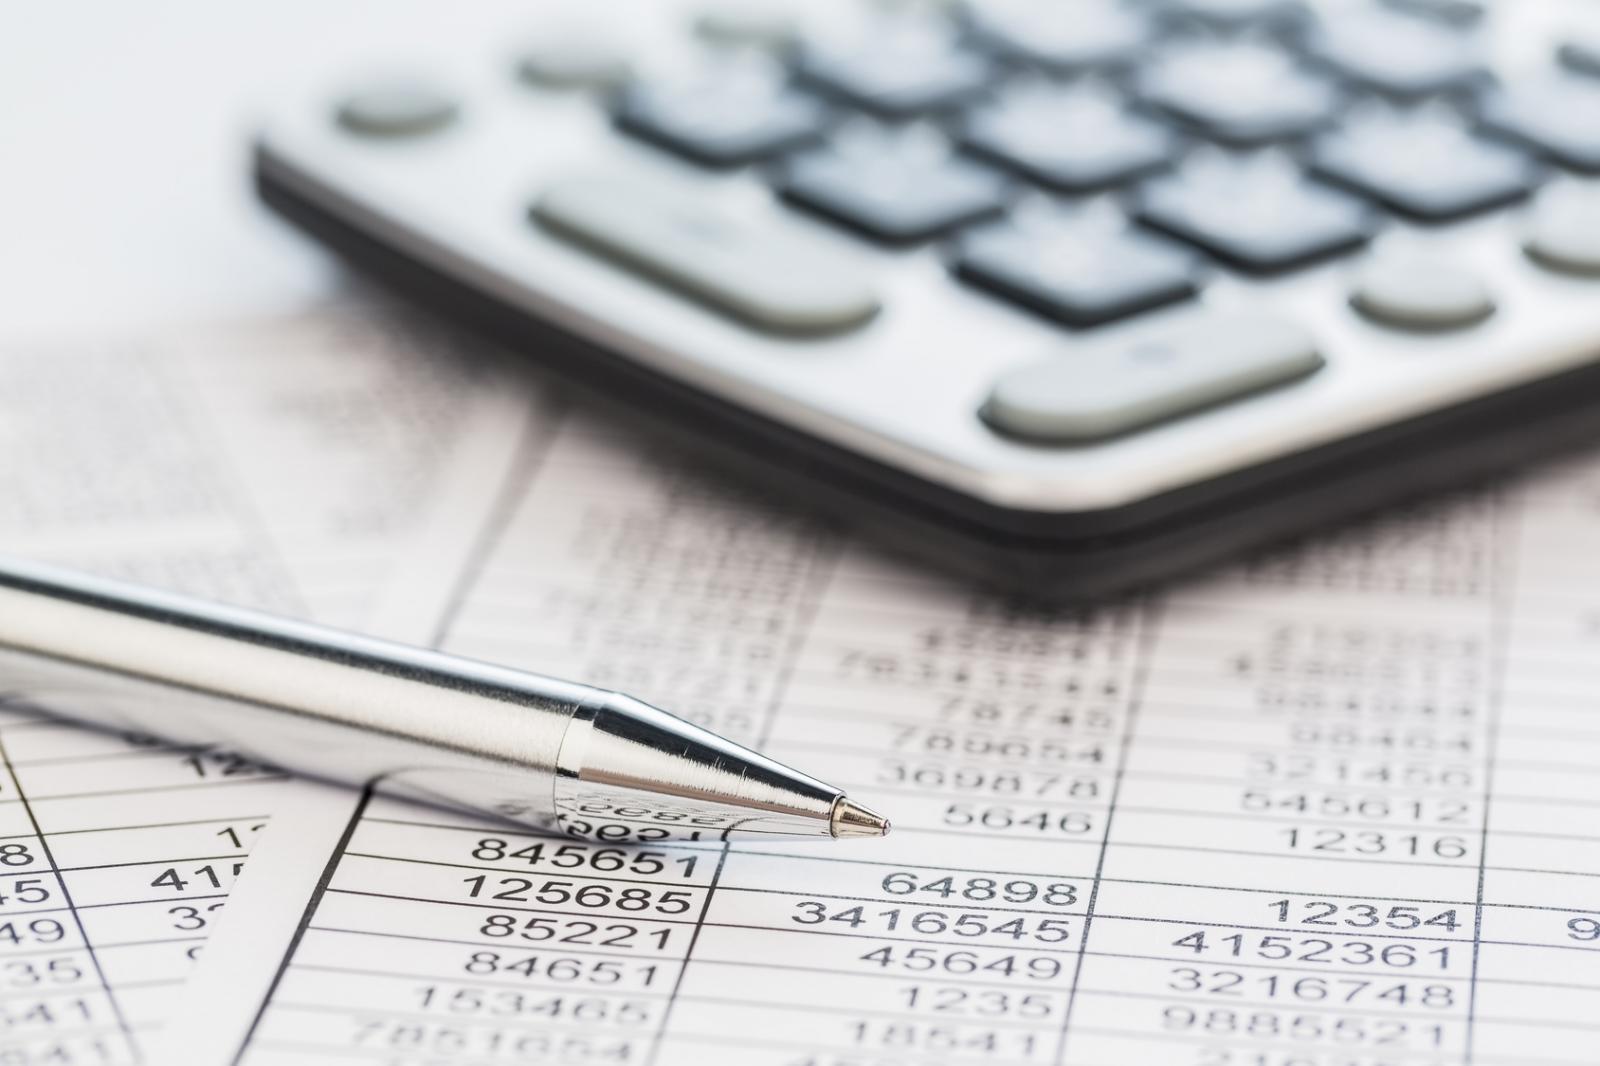 На брянском предприятии нашли нарушения при оплате за особые условия труда